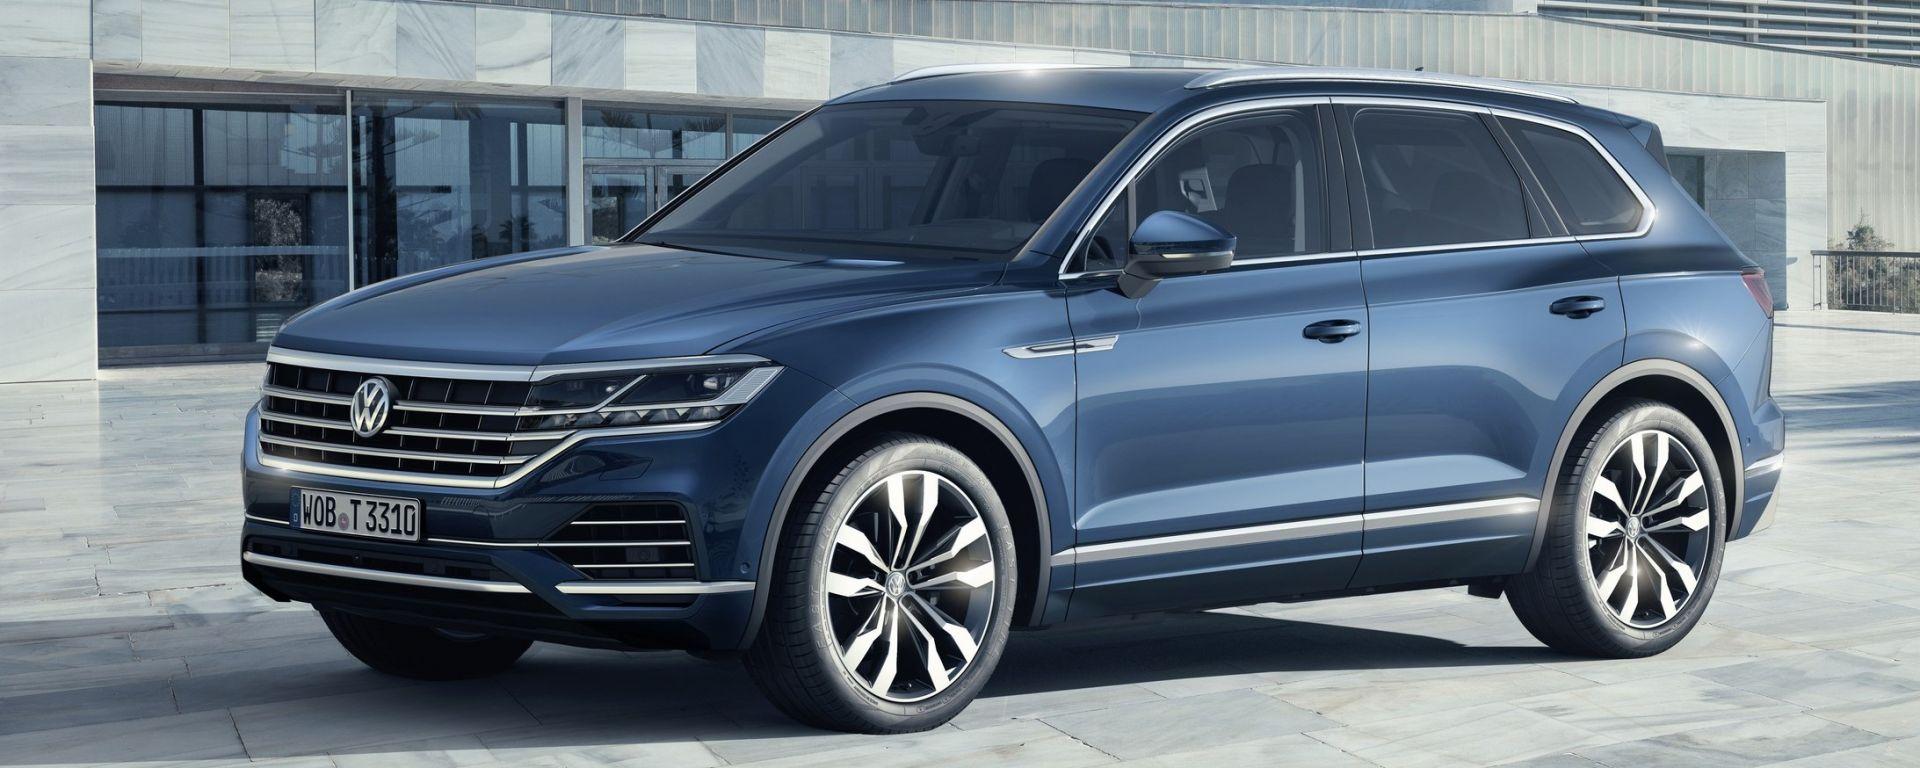 Nuova Touareg: ecco il SUV hi-tech di Volkswagen